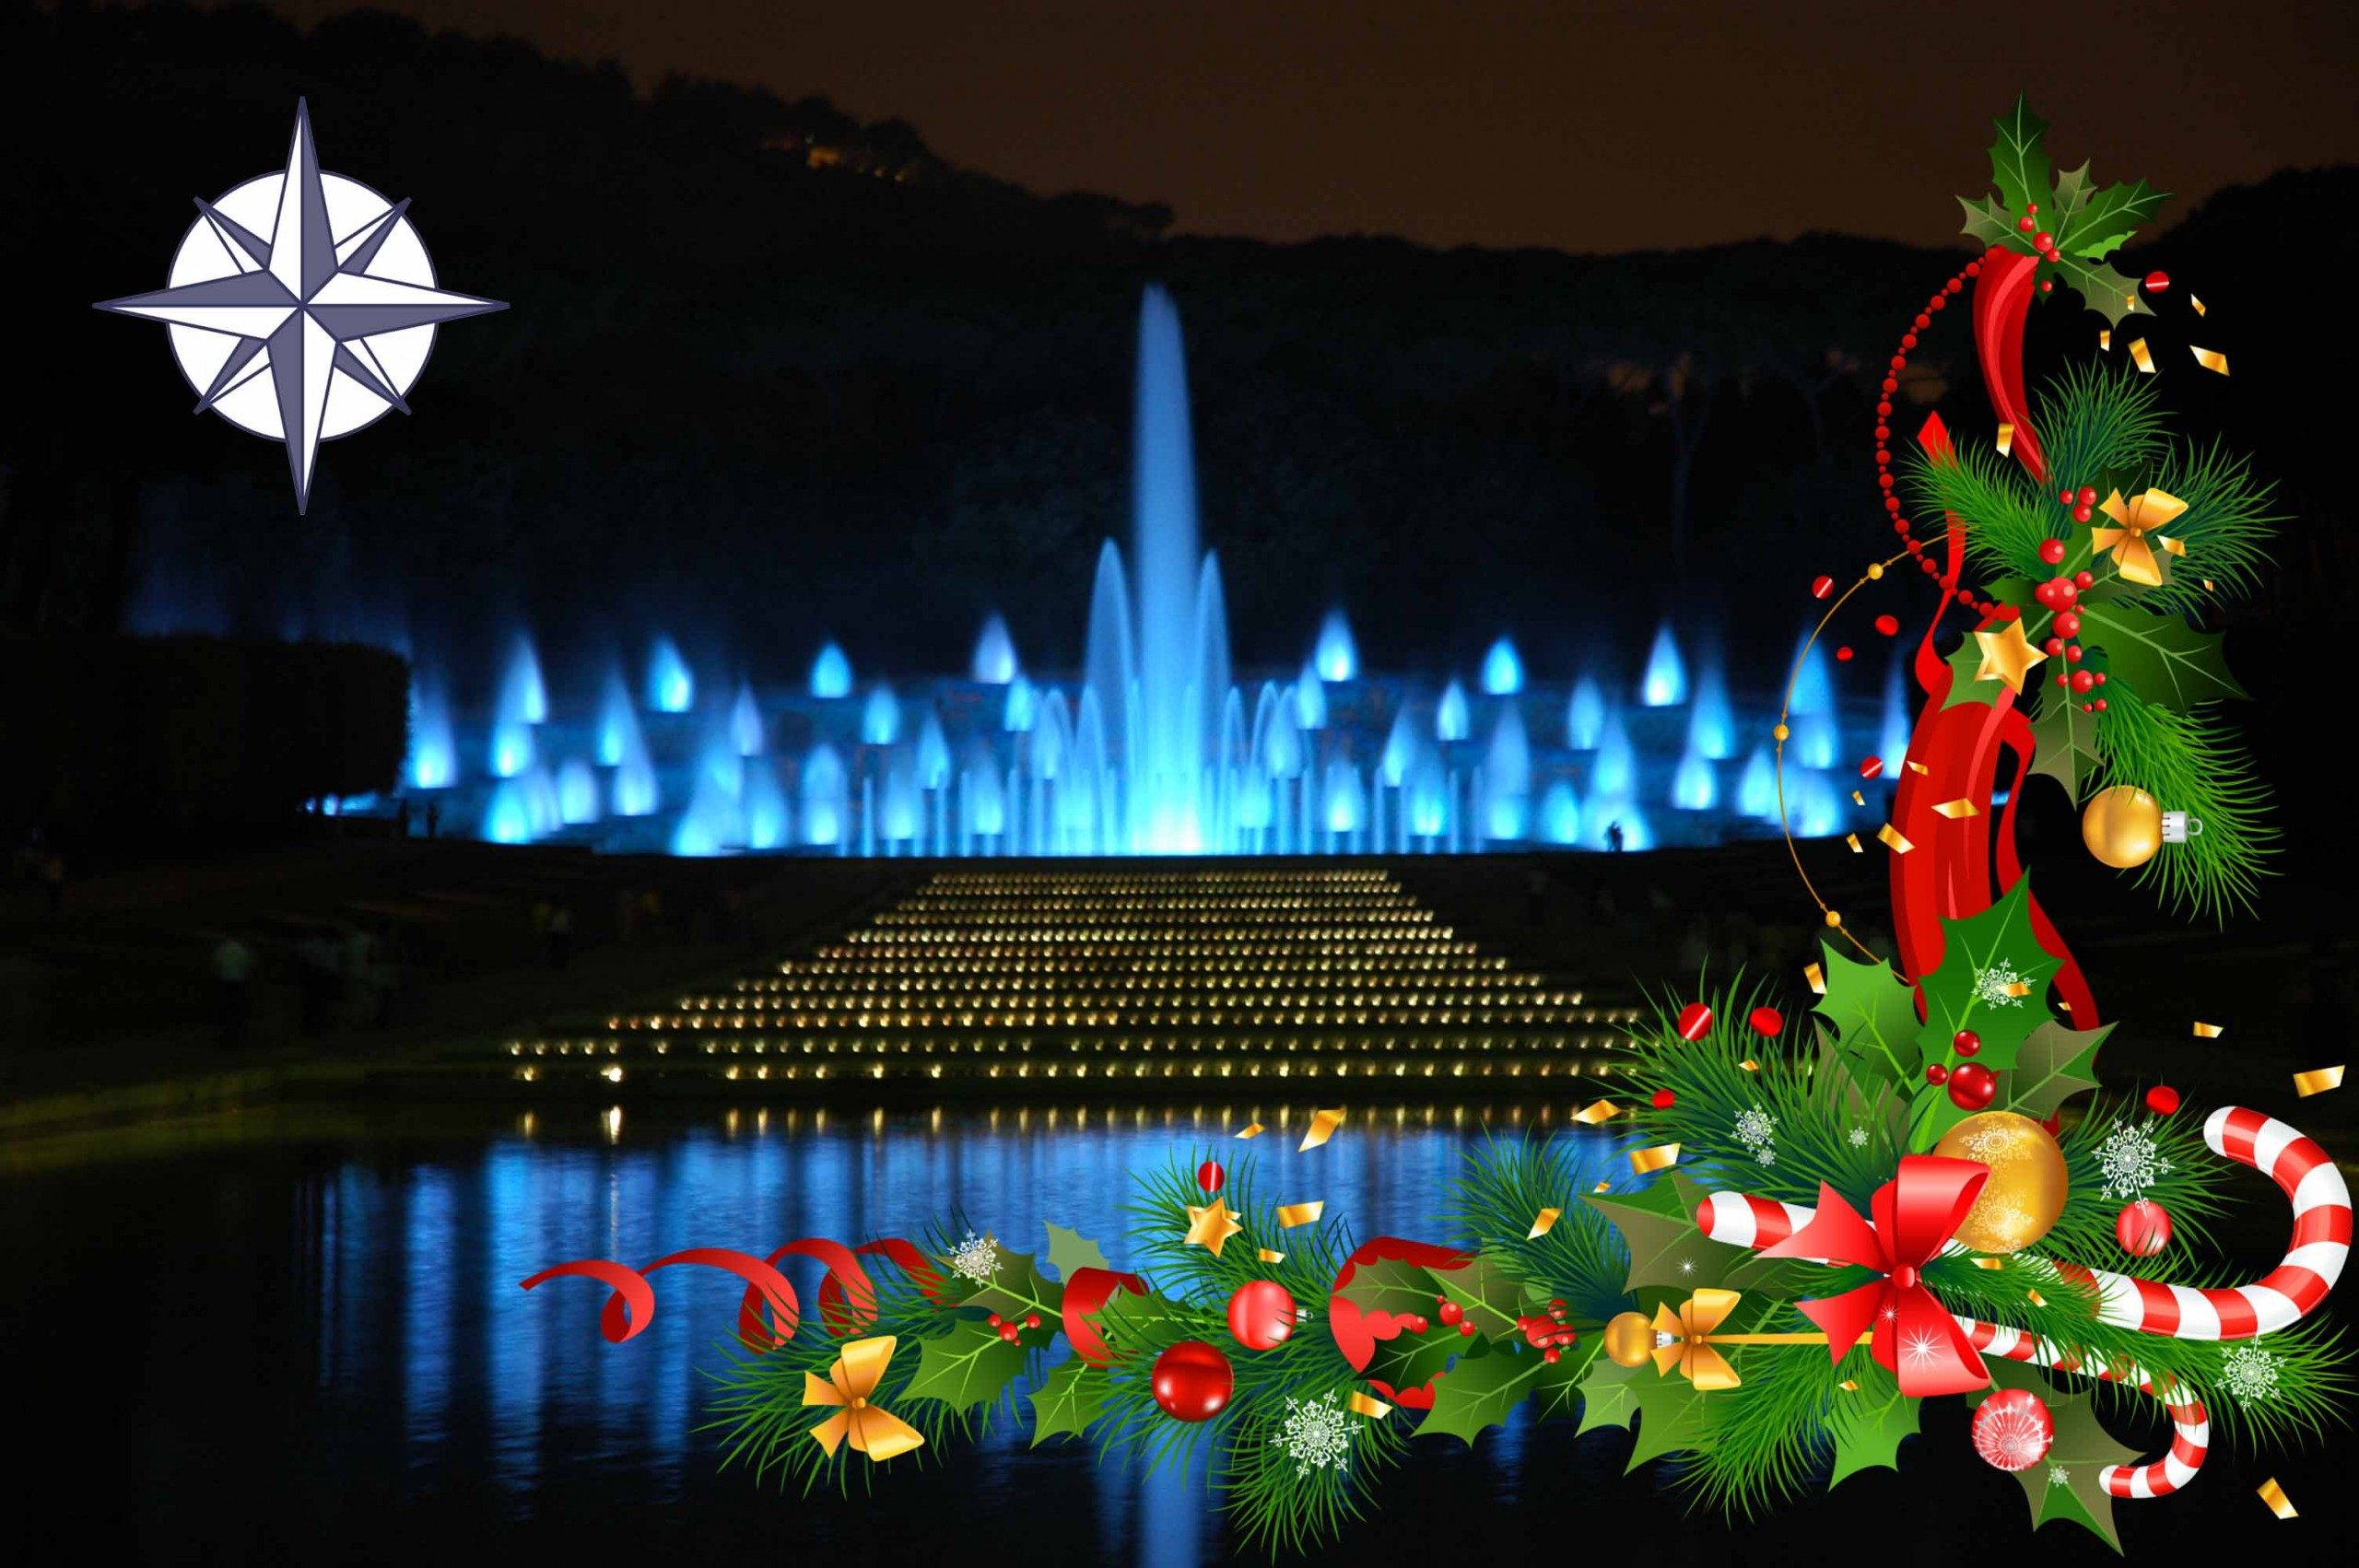 Mostra D'Oltremare, a Natale il meraviglioso spettacolo della Fontana dell'Esedra